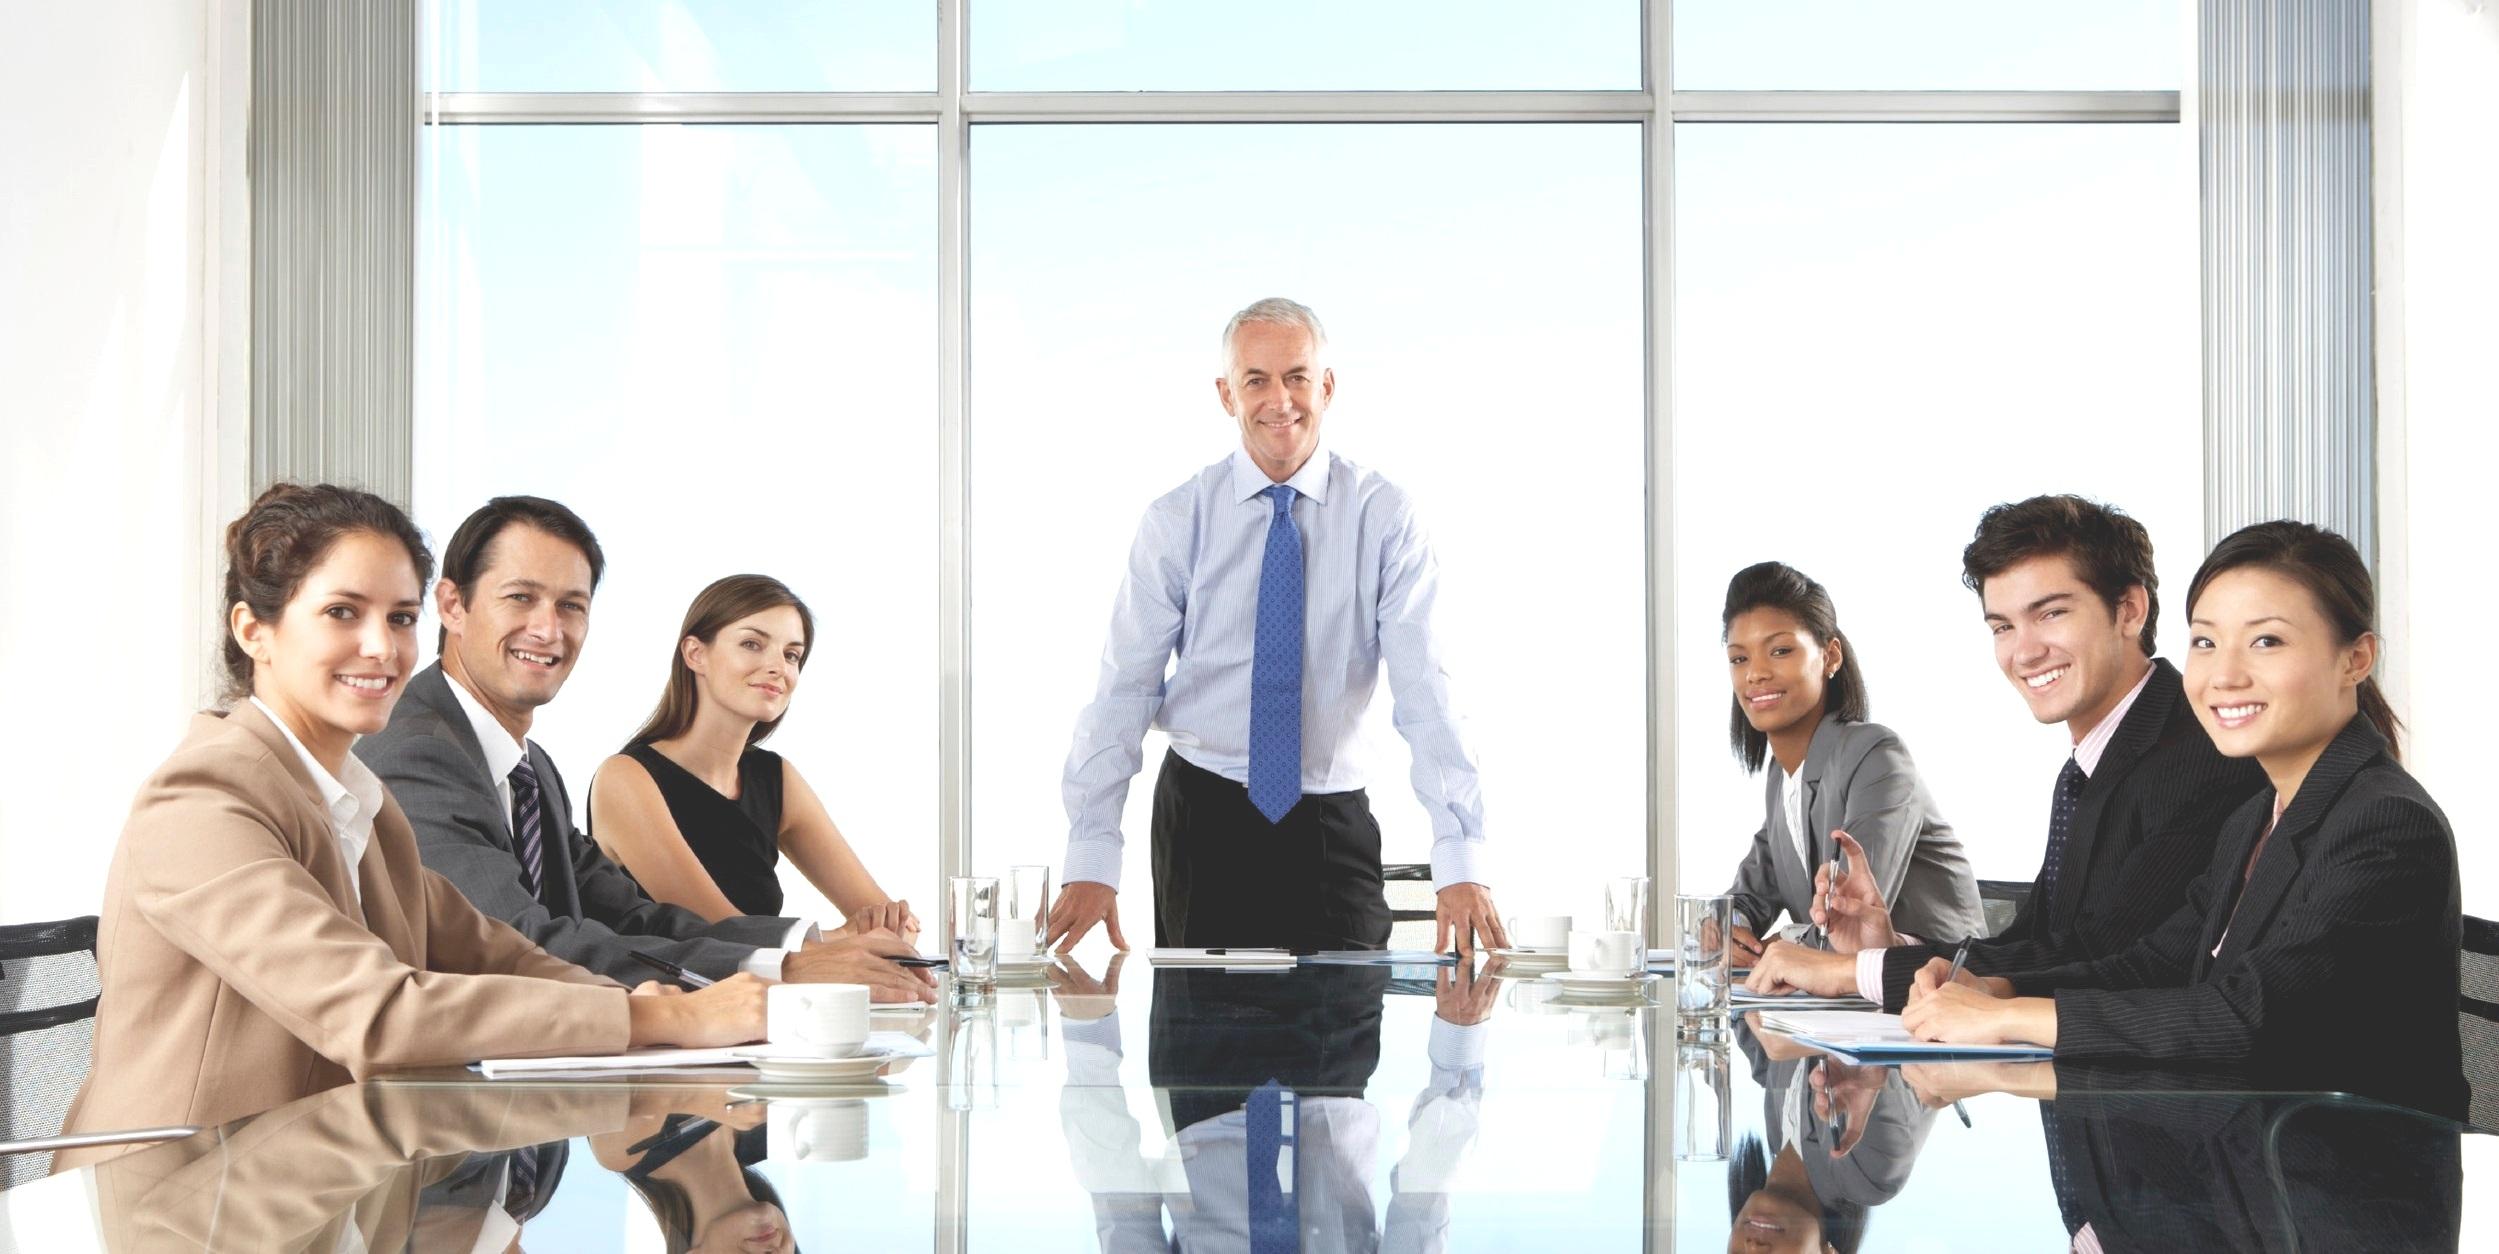 4019991-business-meeting-wallpaper.jpg